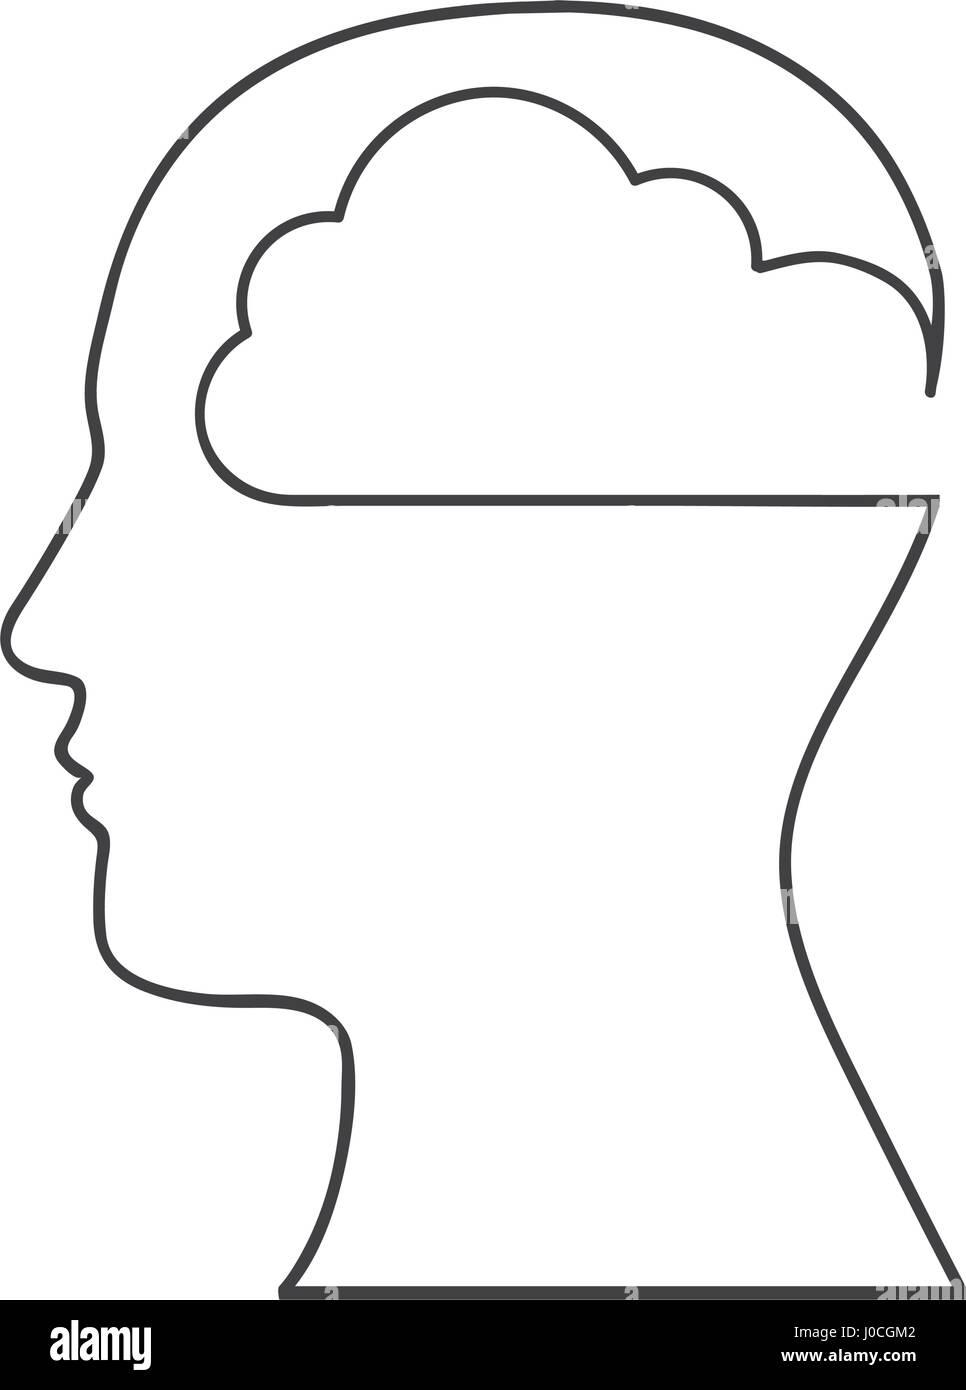 Silueta monocroma con cabeza humana con cloud dentro Imagen De Stock